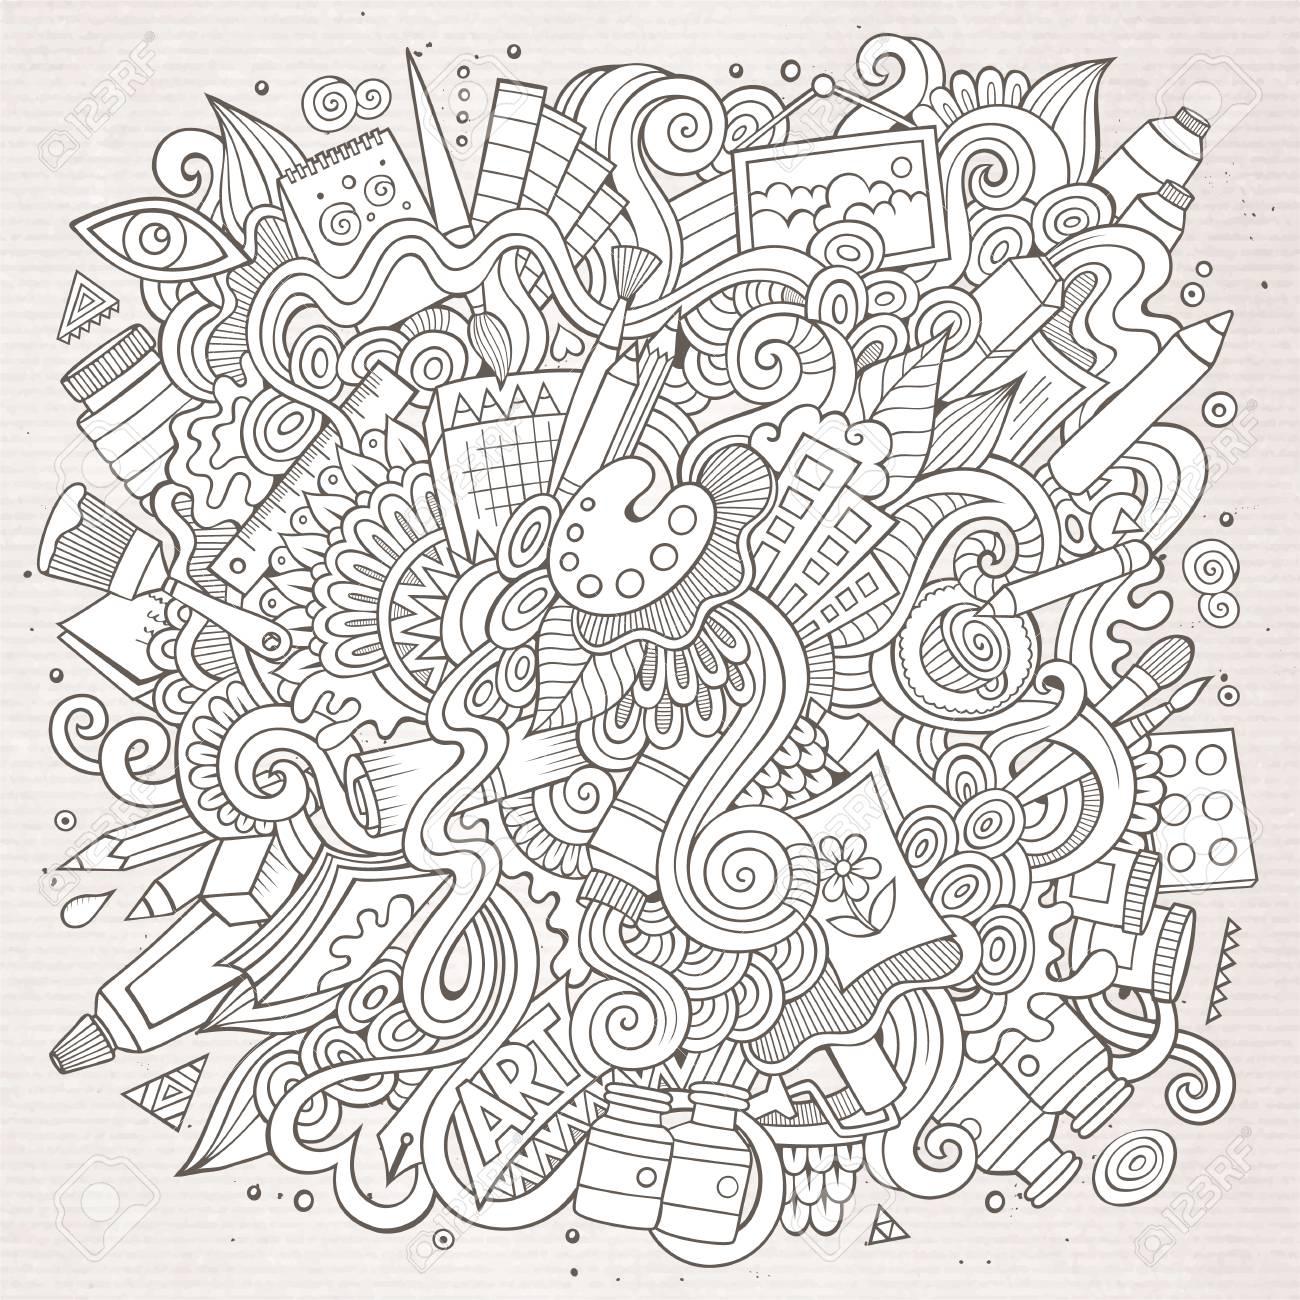 漫画かわいい落書きが描かれた芸術的なイラストを手しますのイラスト